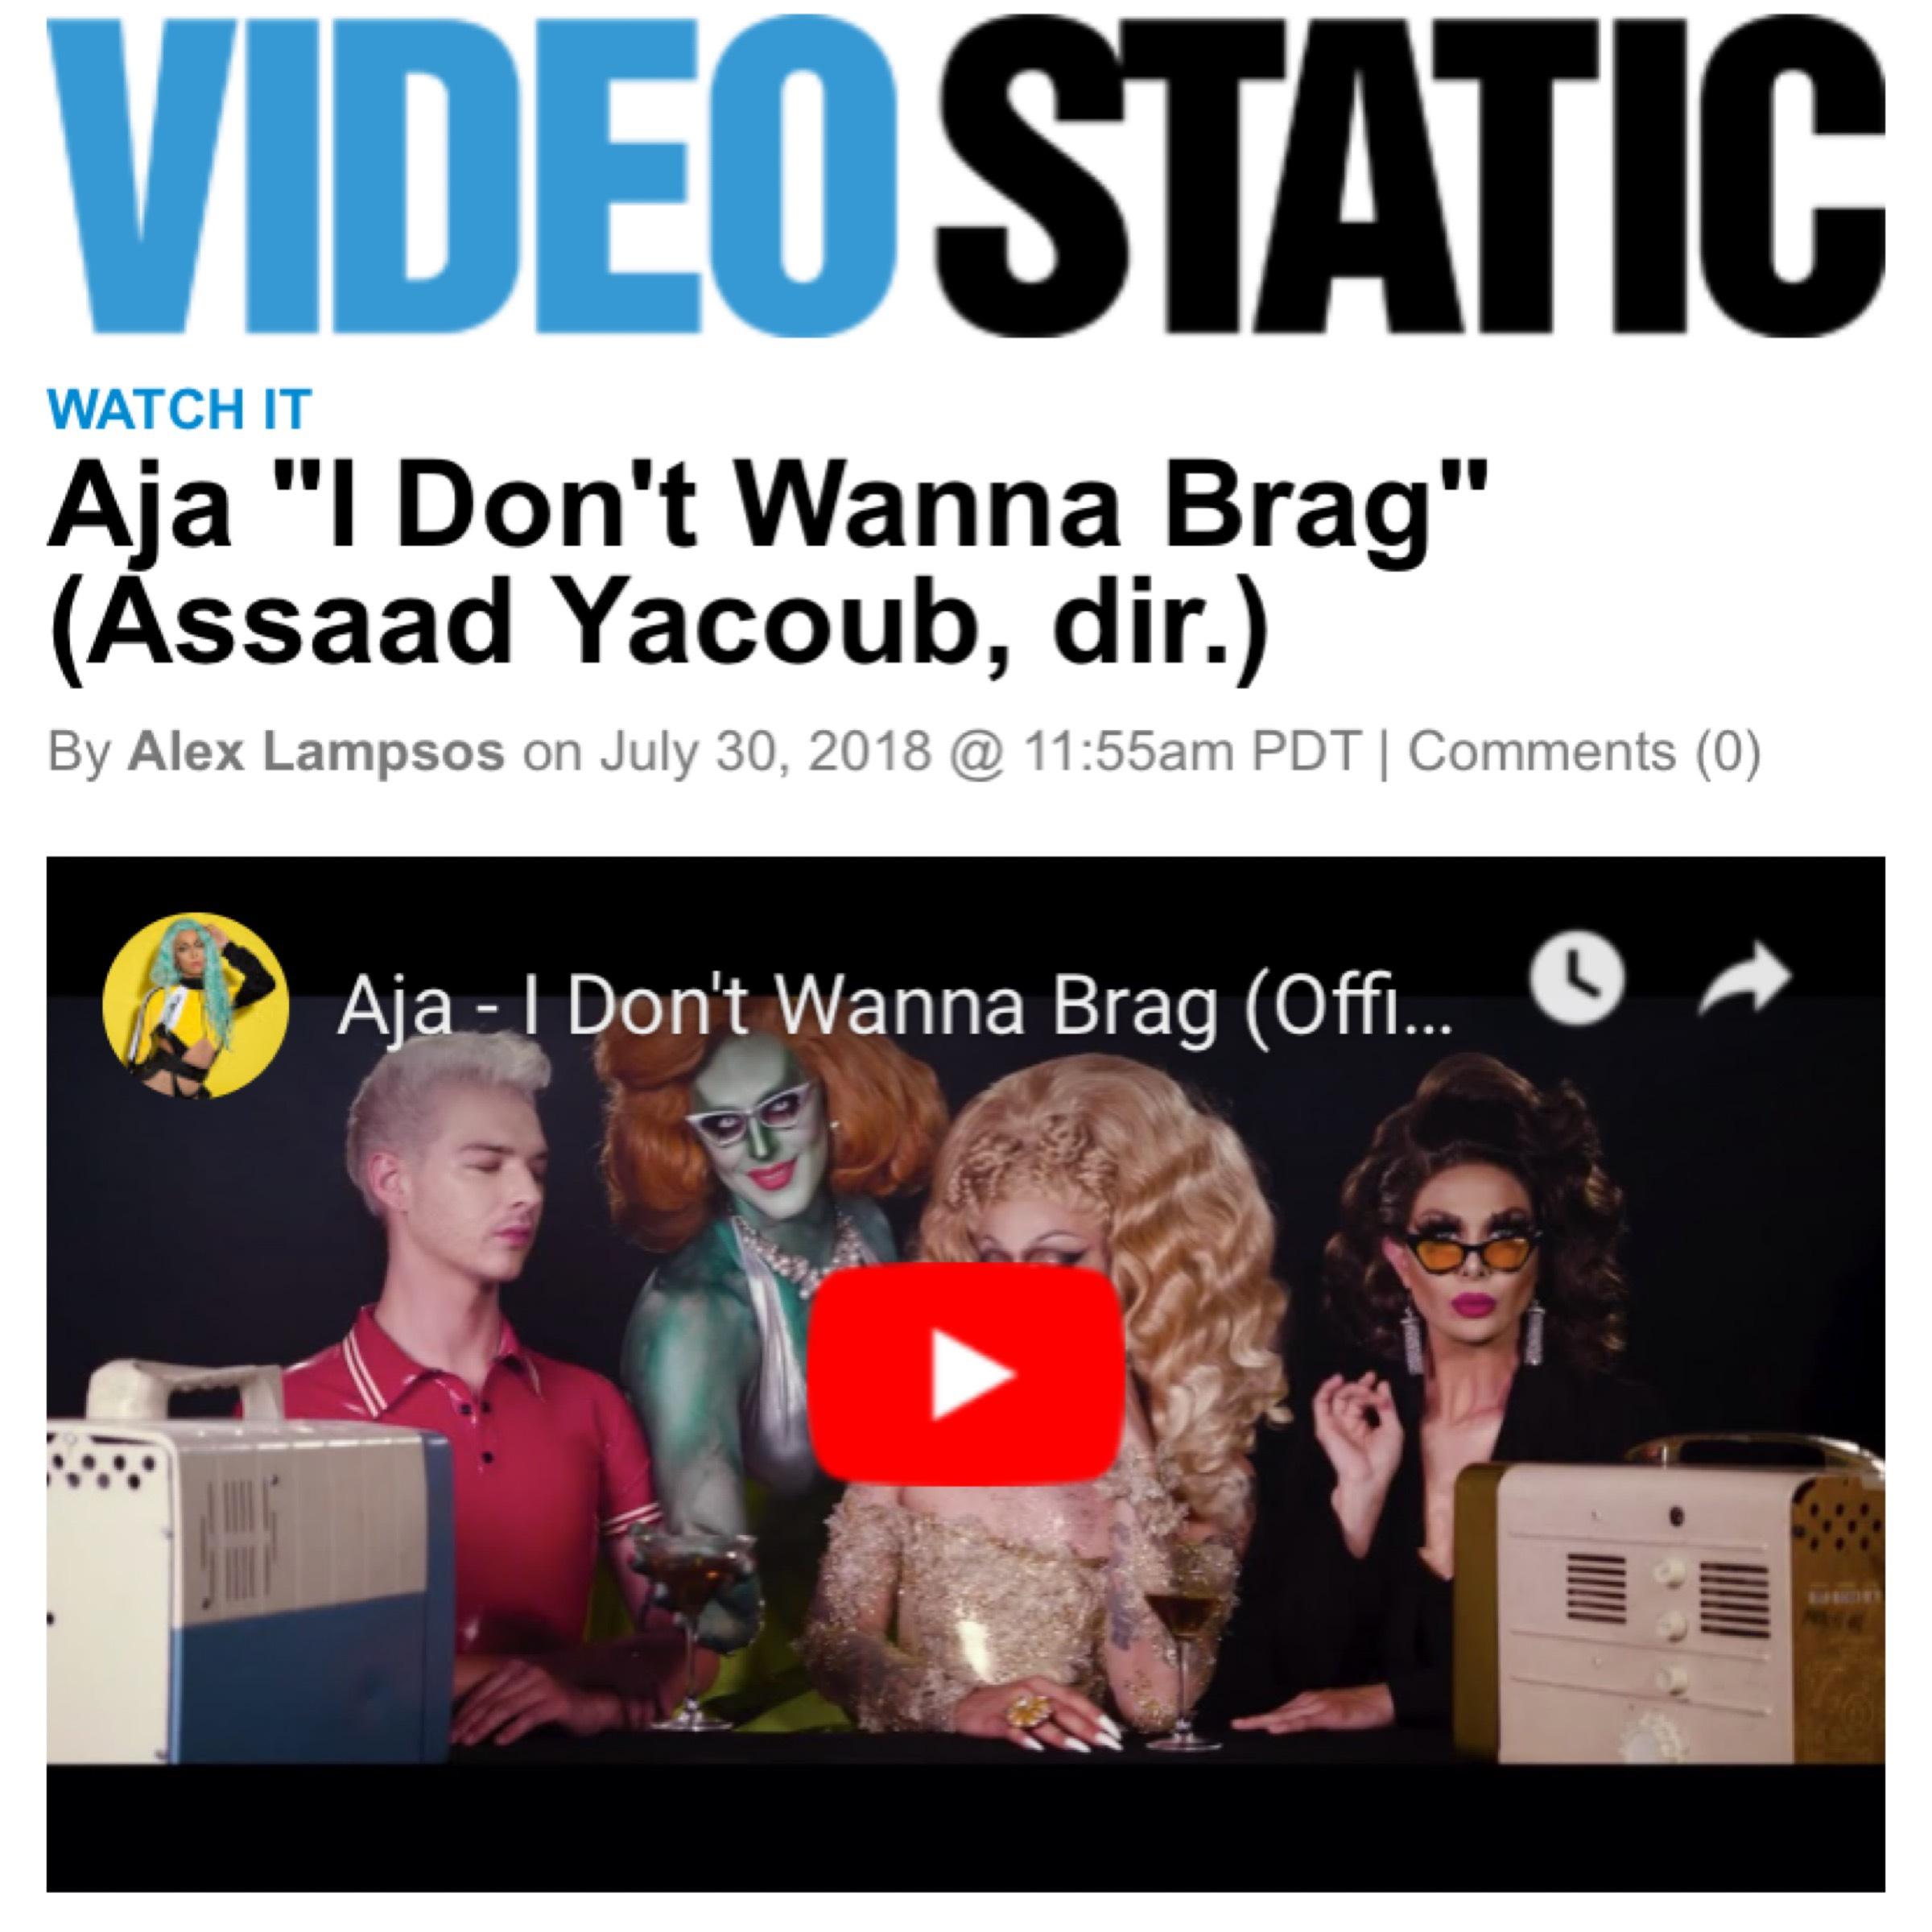 VIDEO STATIC - AJA ( I DONT WANNA BRAG)